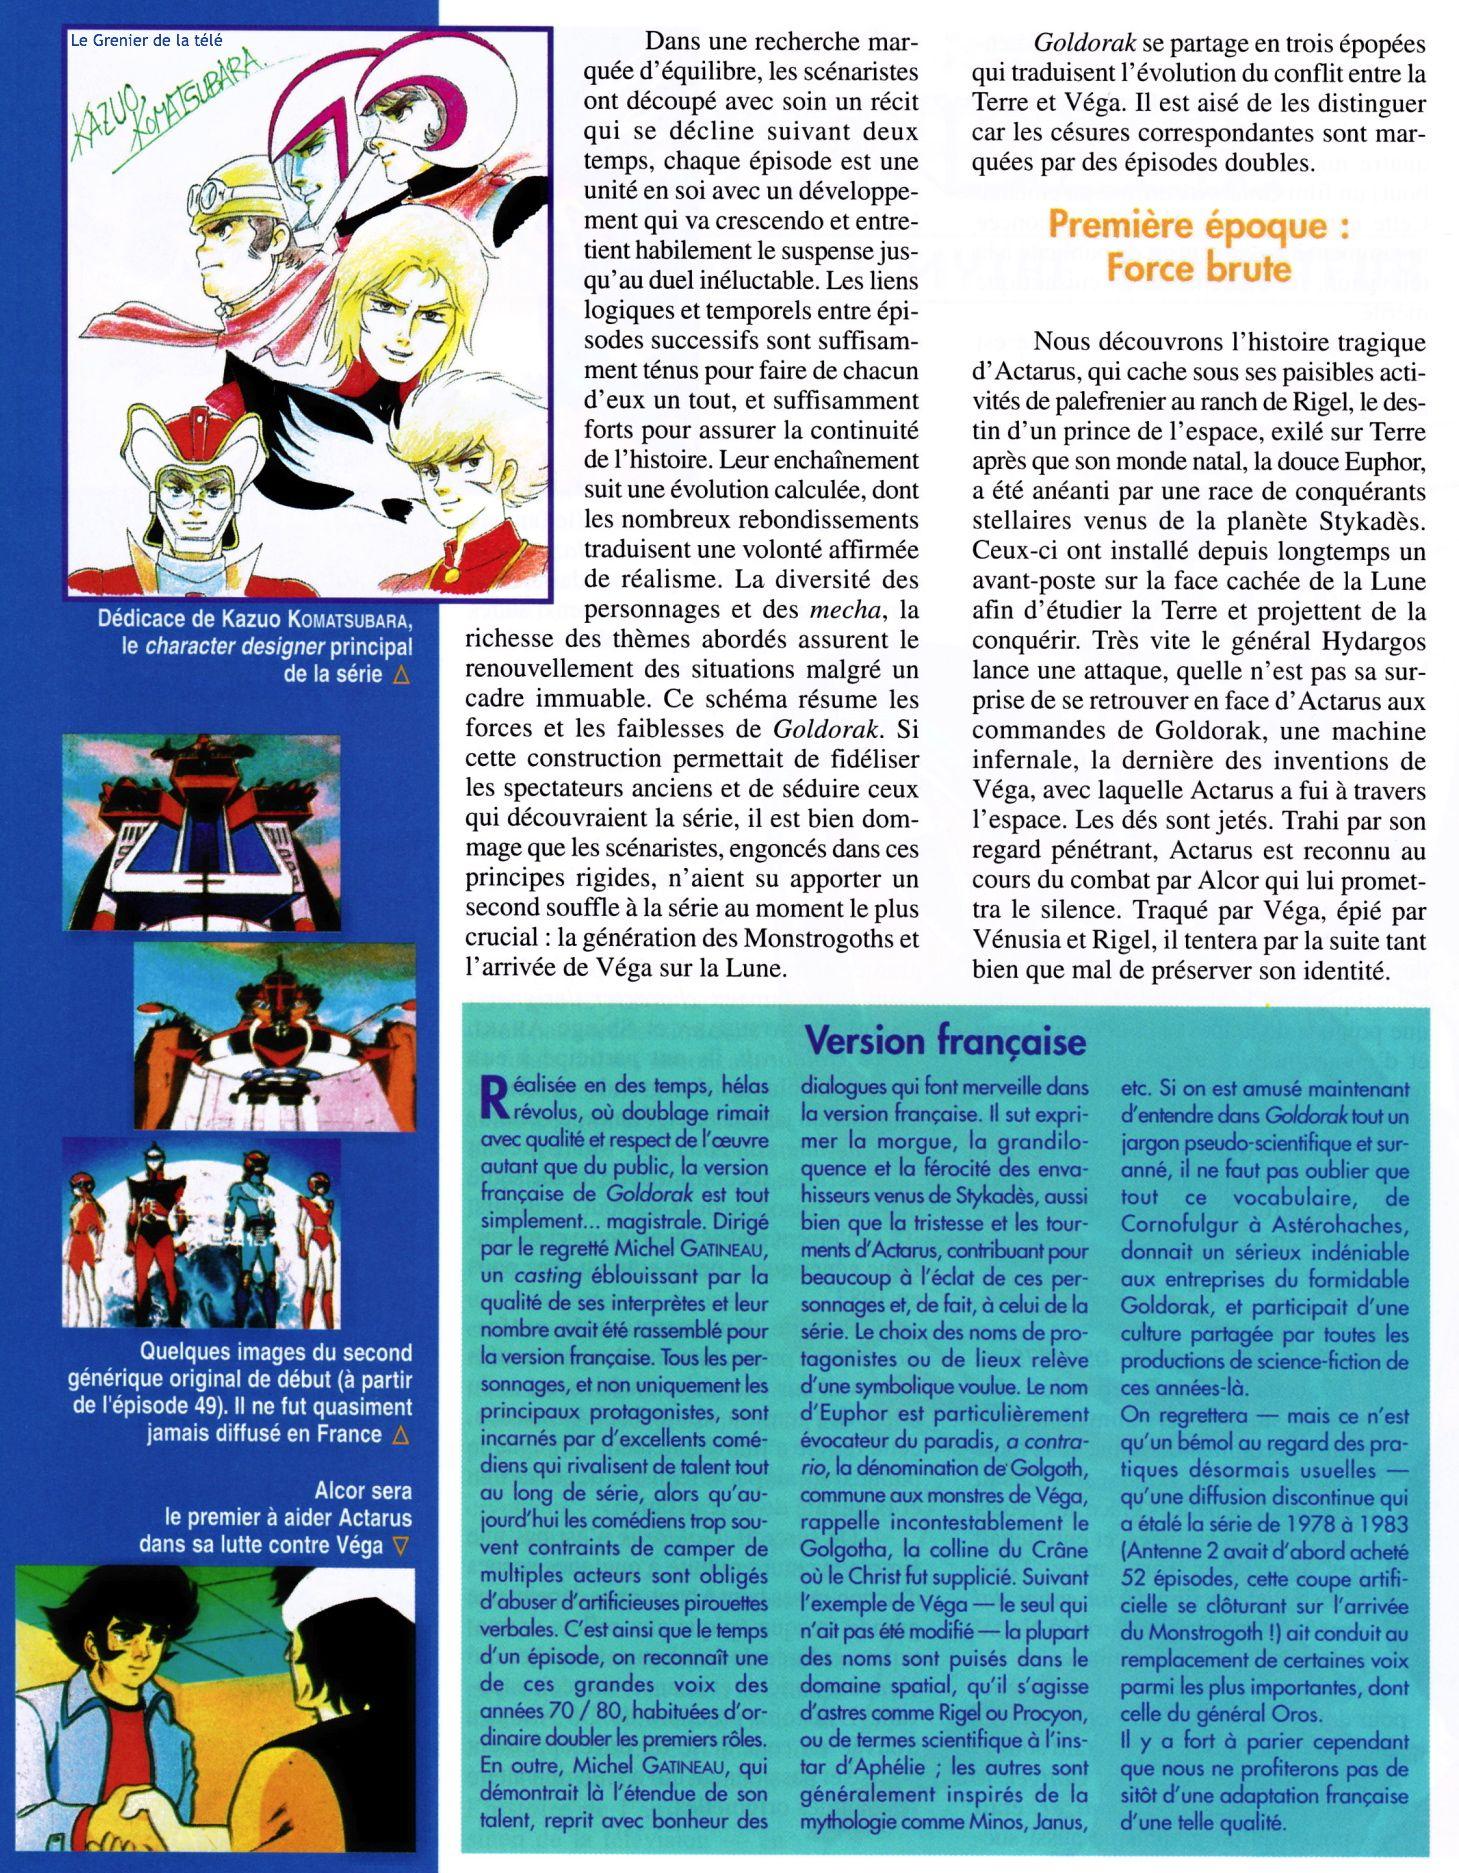 http://grenierdelatv.free.fr/2/goldorakalhs1997c.jpg